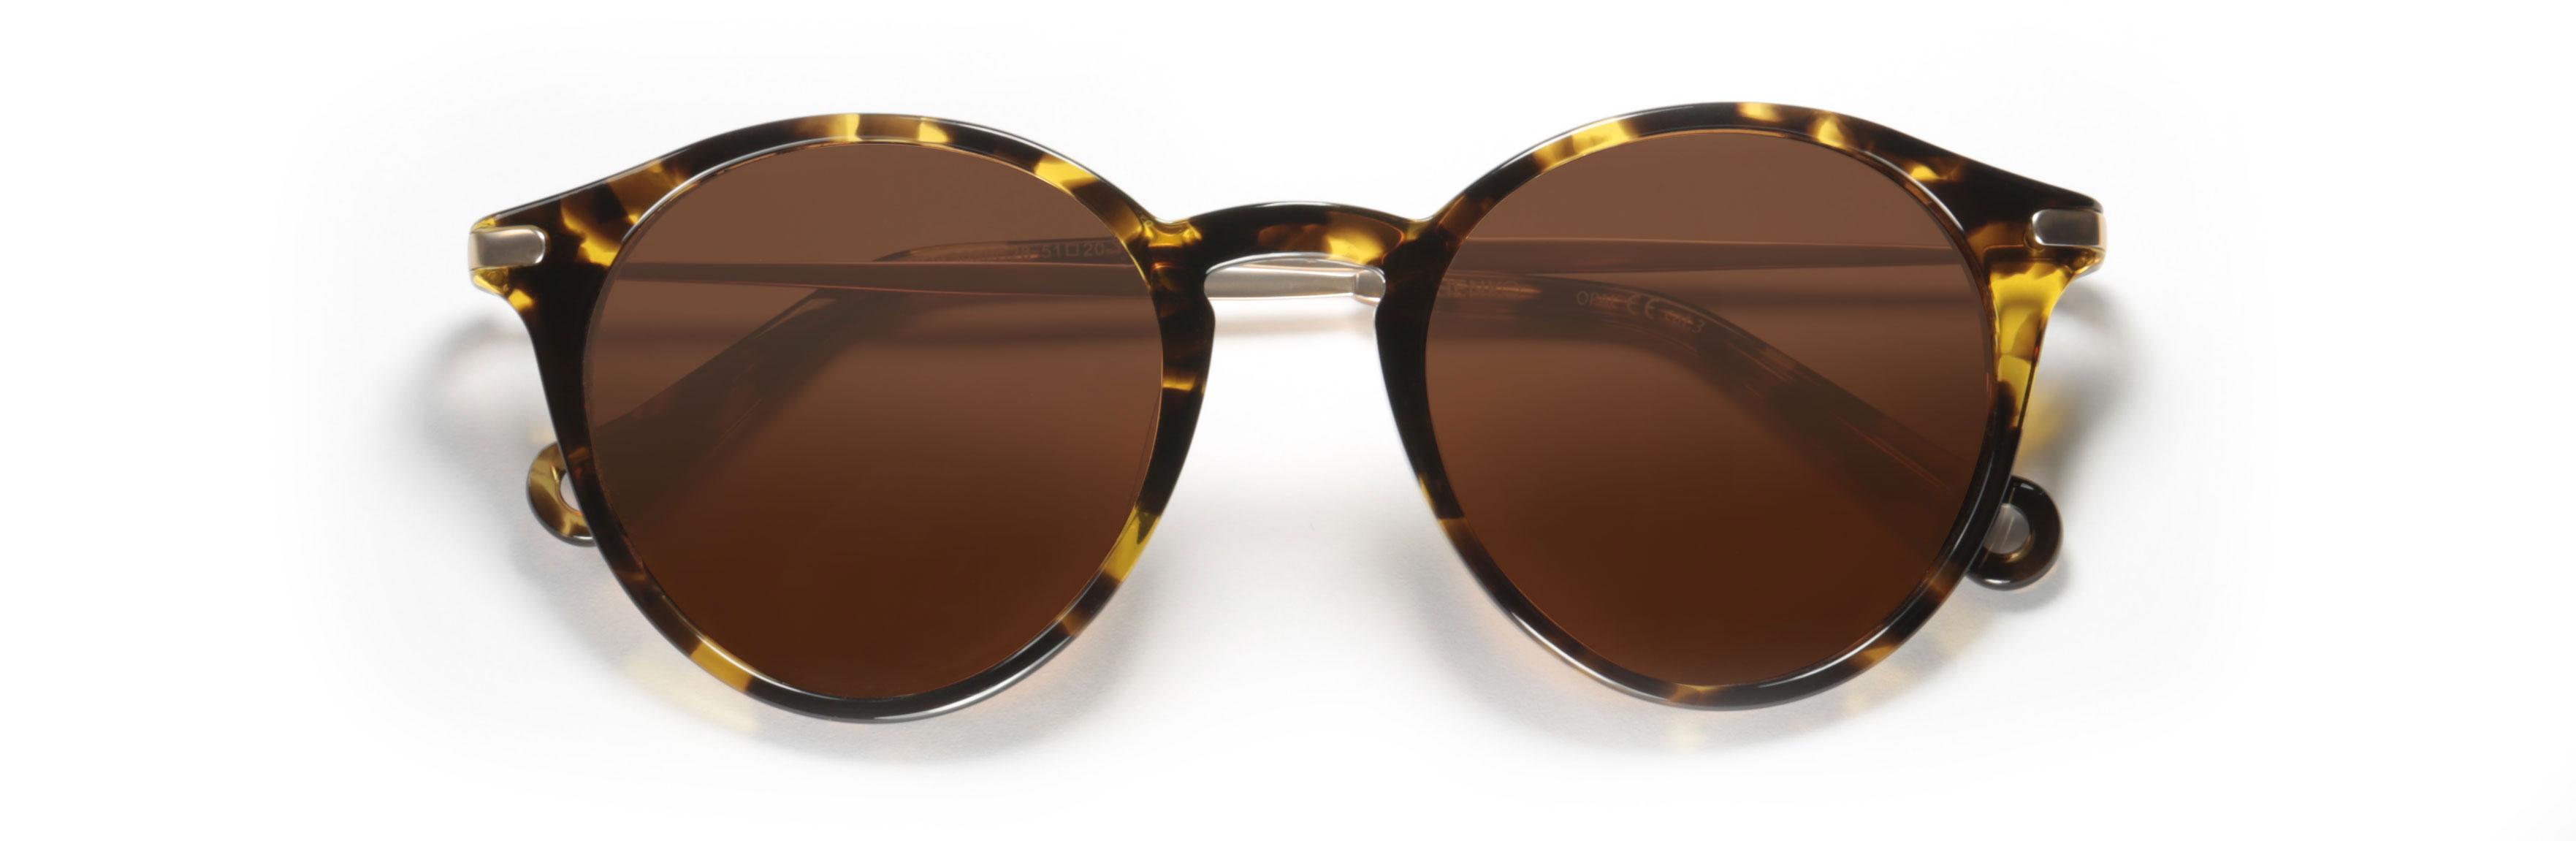 Henko okulary przeciwsłoneczne